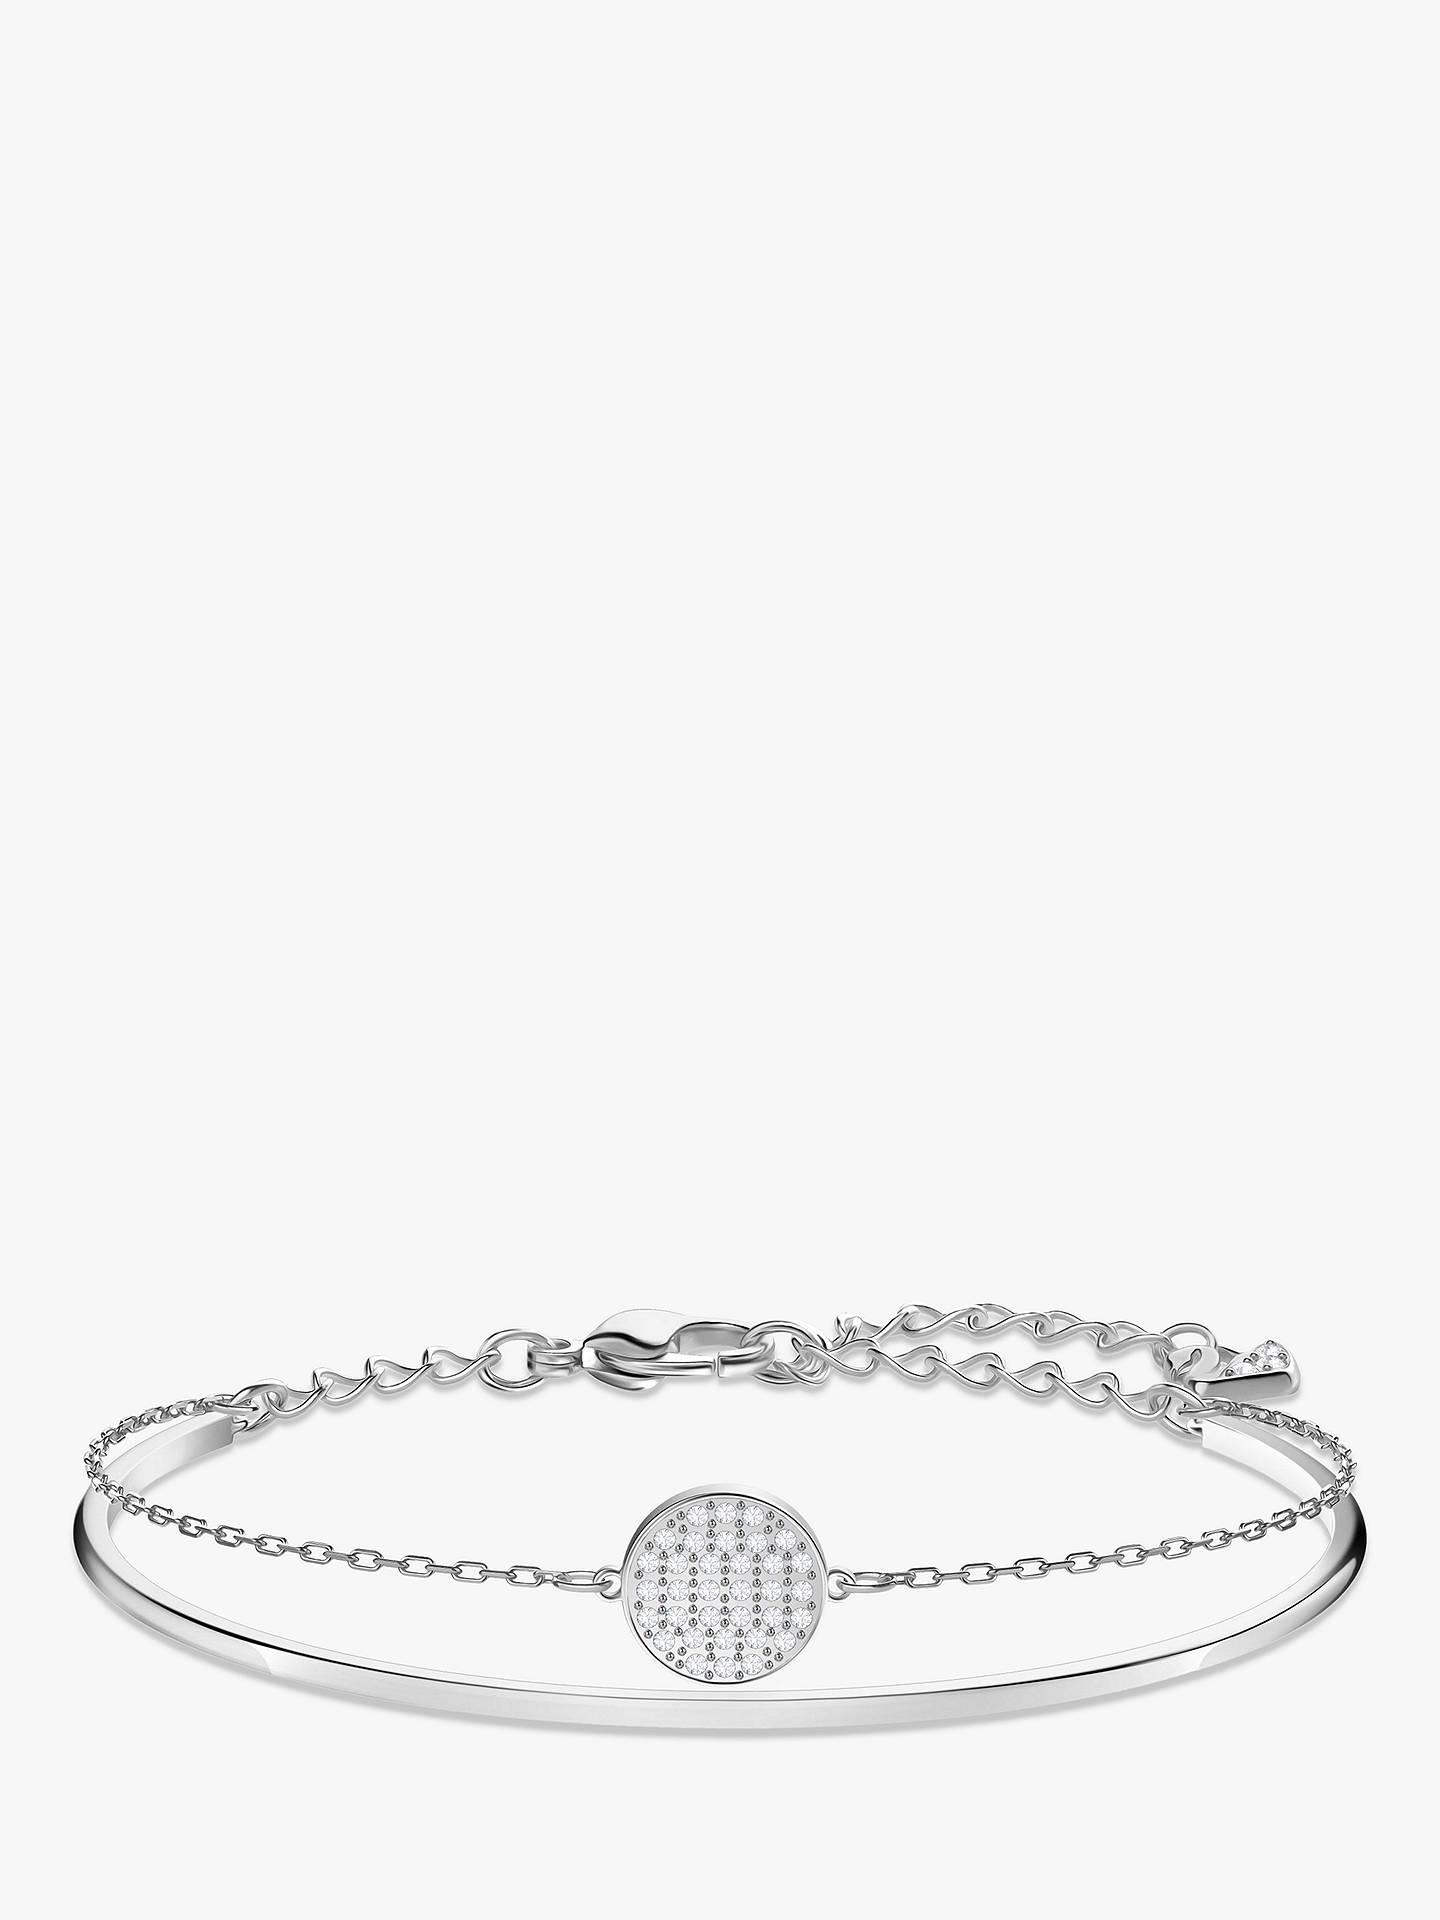 a21ffb577 Buy Swarovski Ginger Crystal Charm Double Bracelet, Silver Online at  johnlewis.com ...